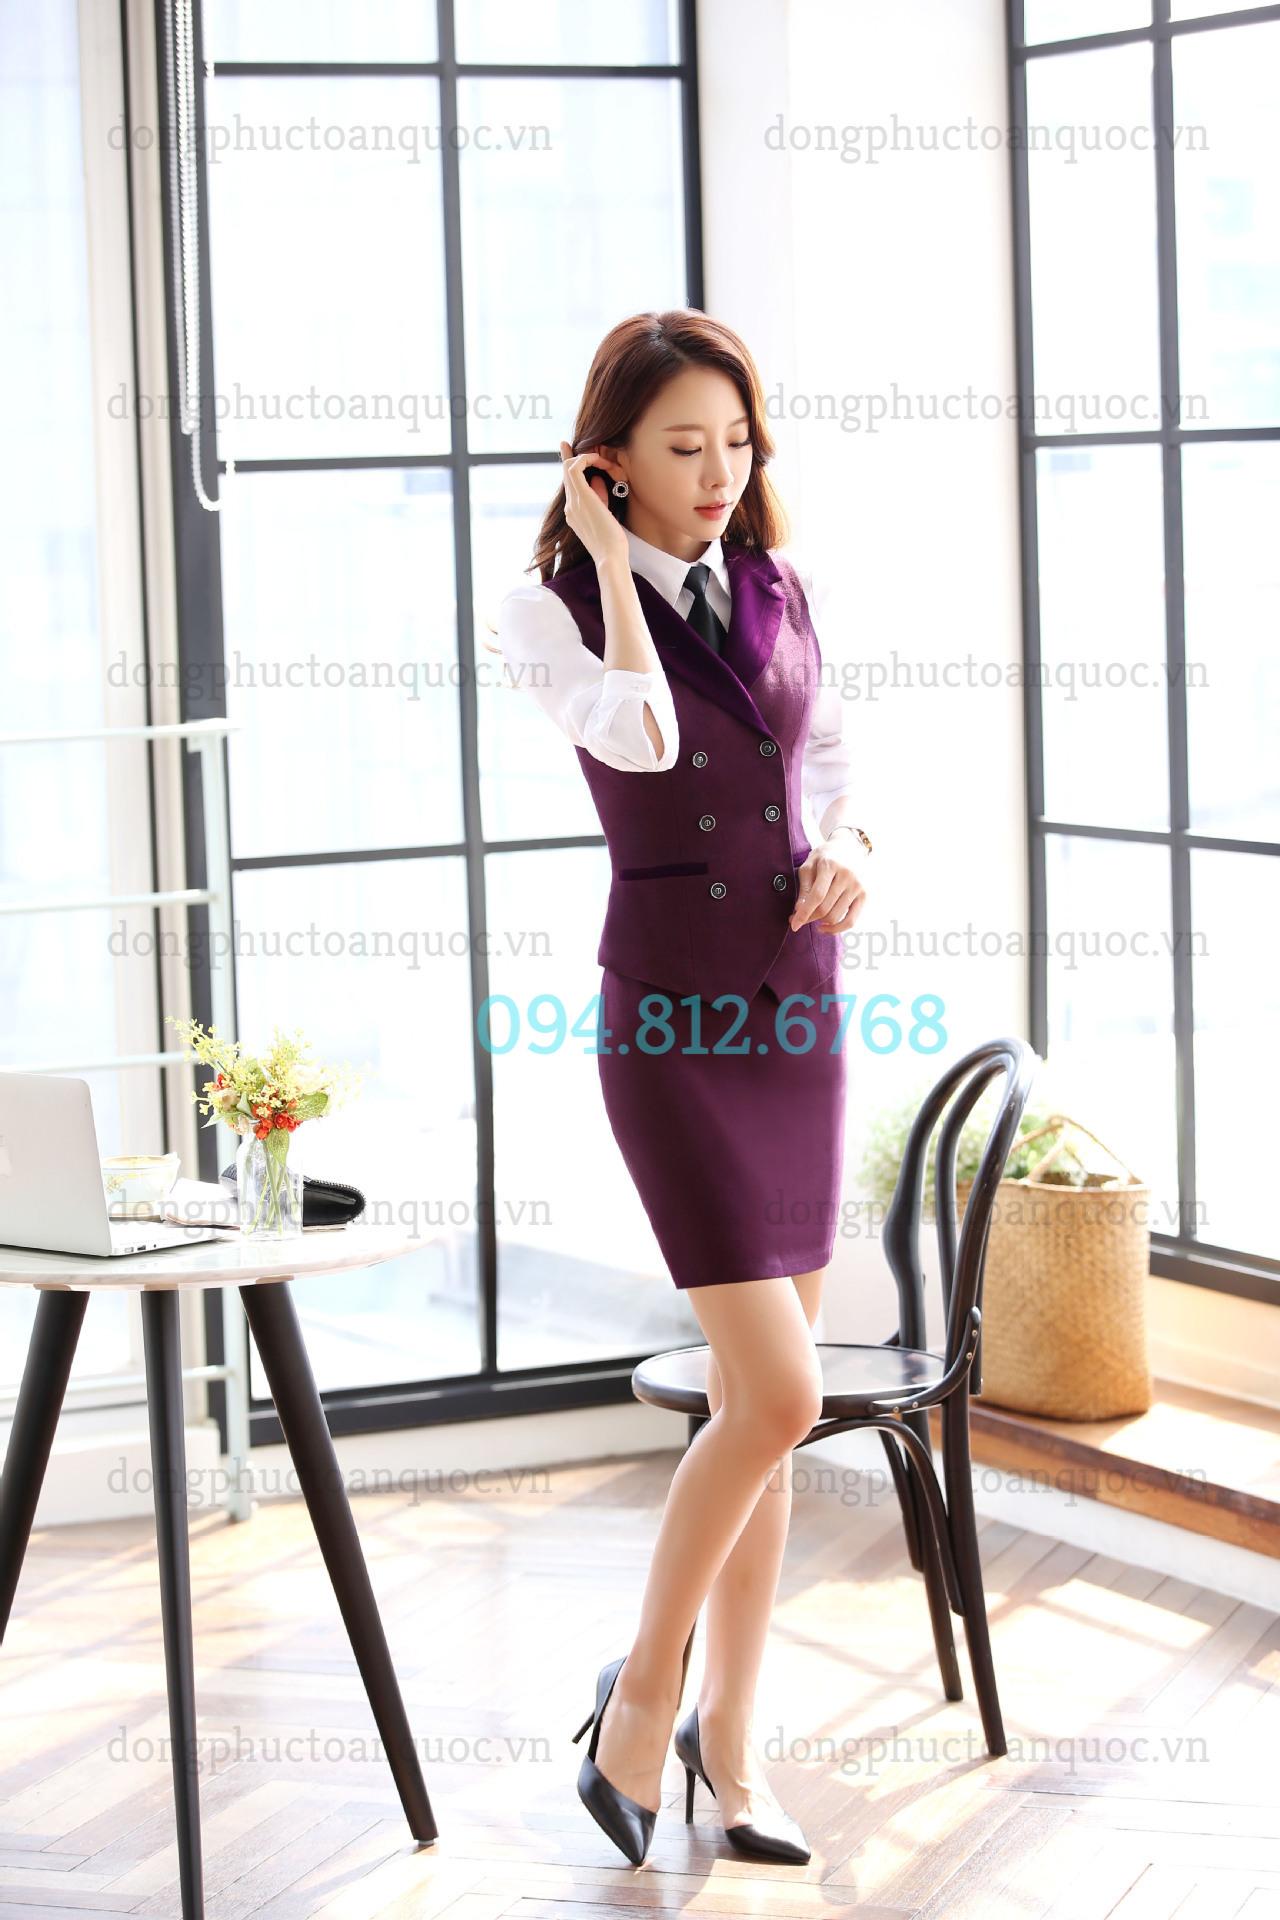 Đồng phục áo gile Nữ 70